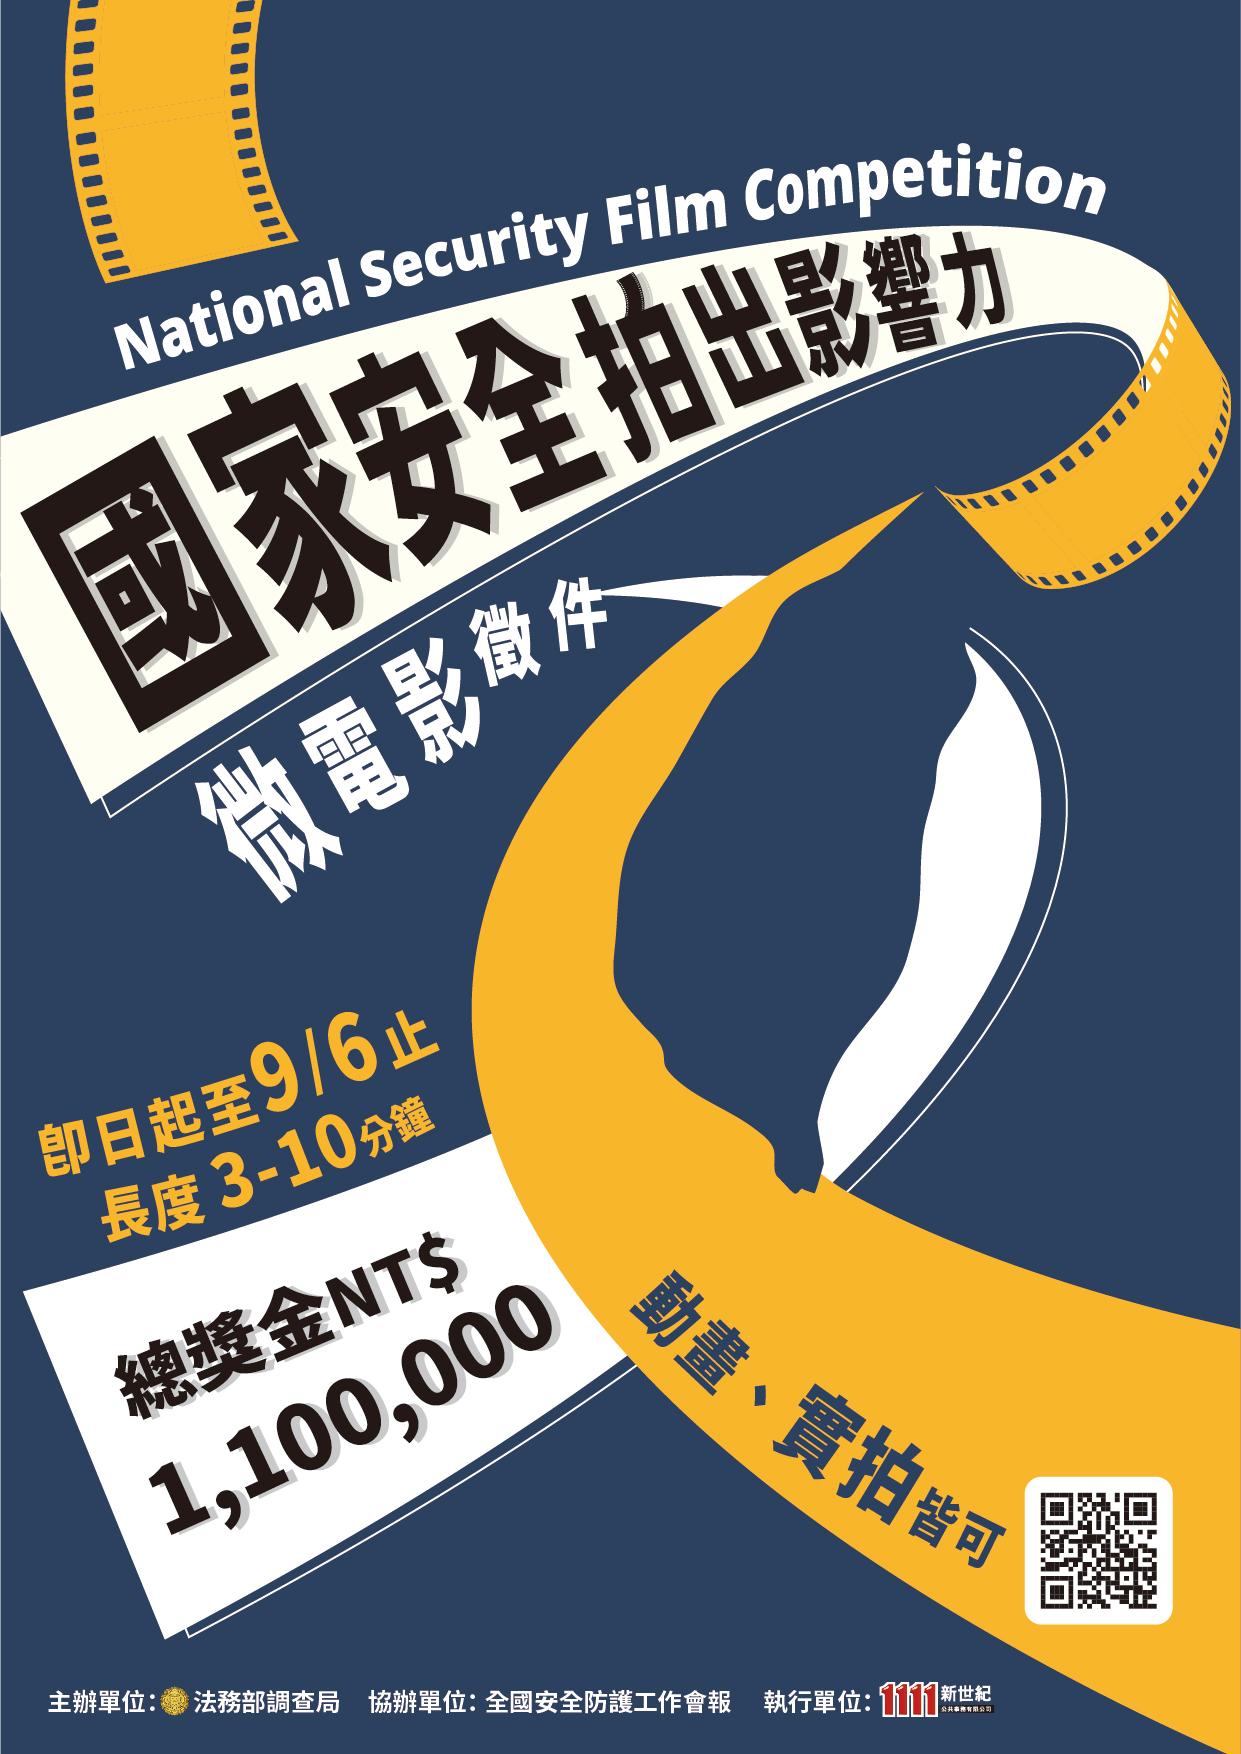 「國家安全 拍出影響力」百萬微電影徵件活動